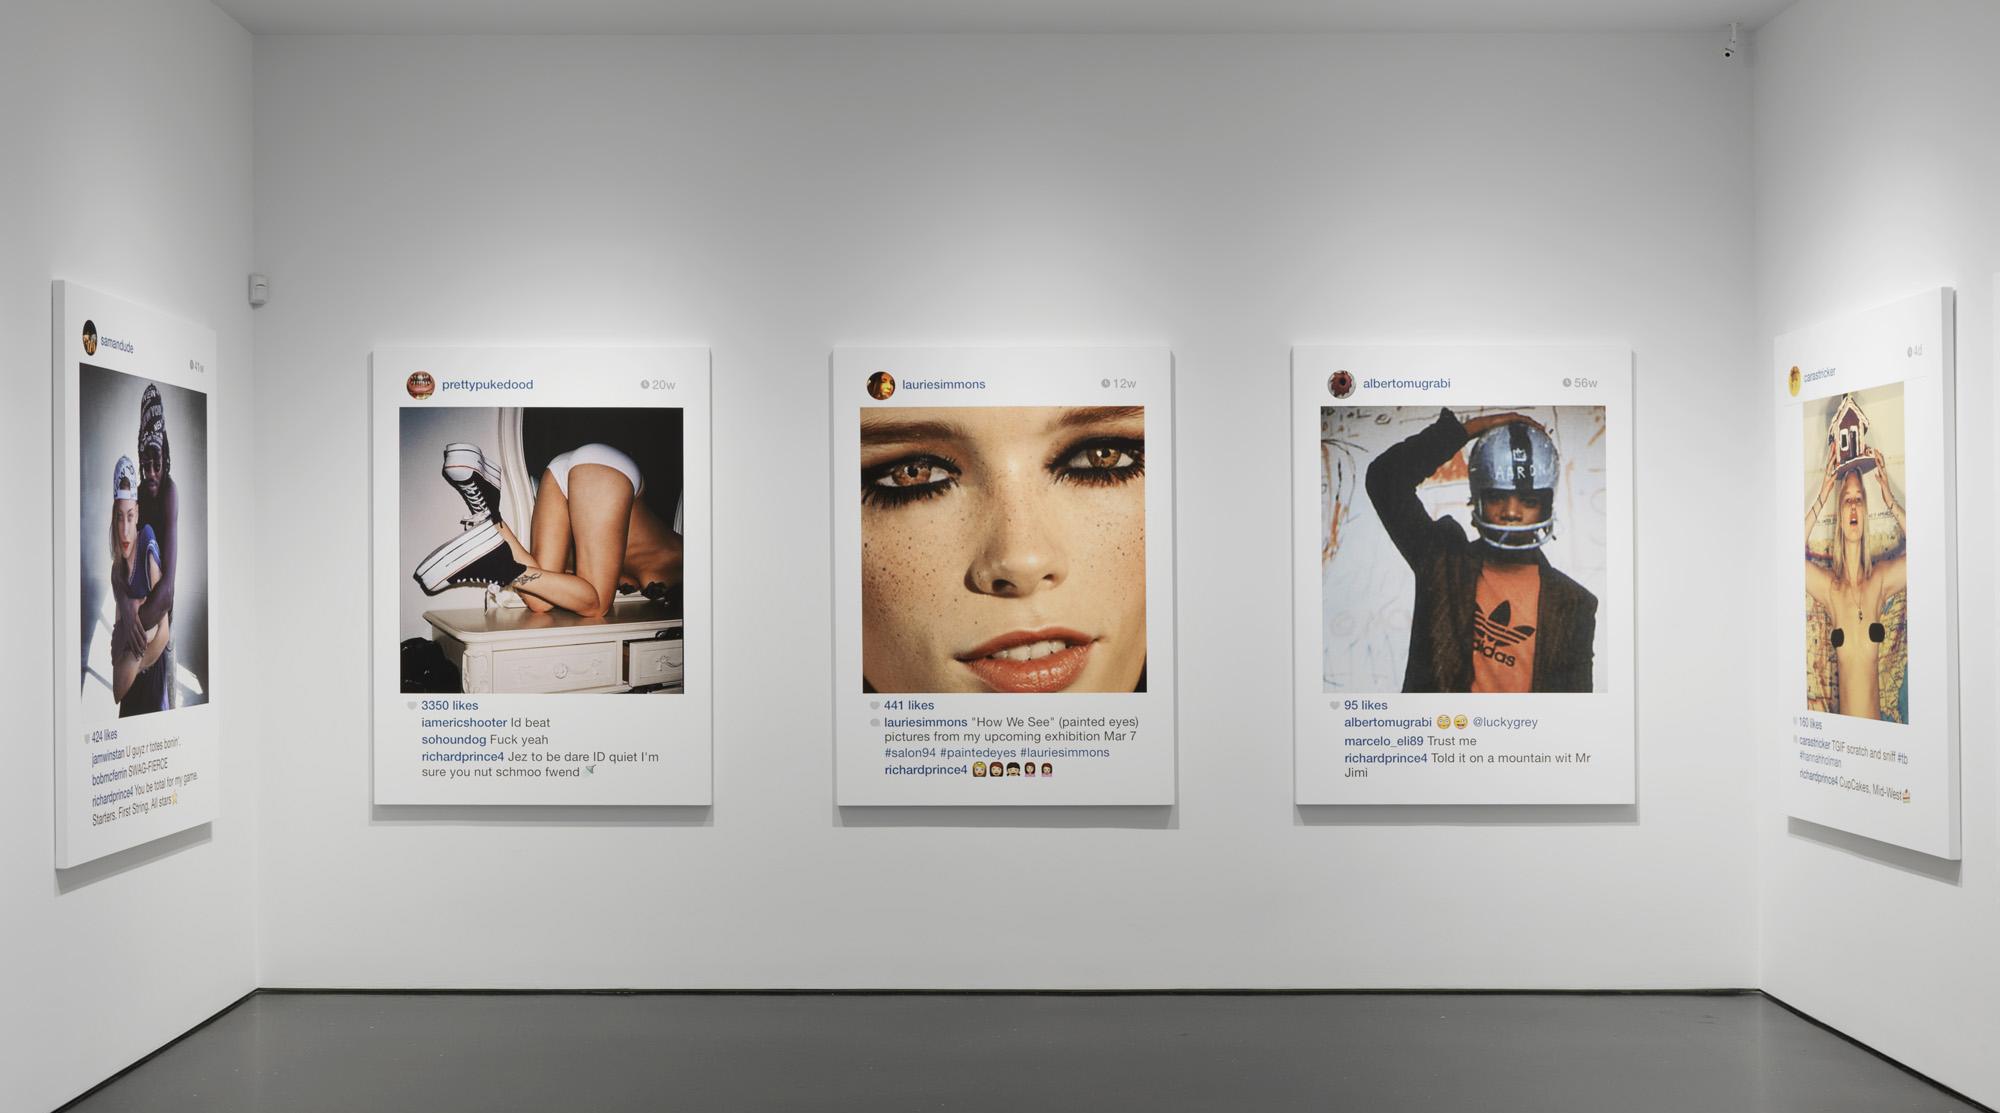 #VLCNewYork: la polémica exposición de Richard Prince con pantallazos extraídos de Instagram